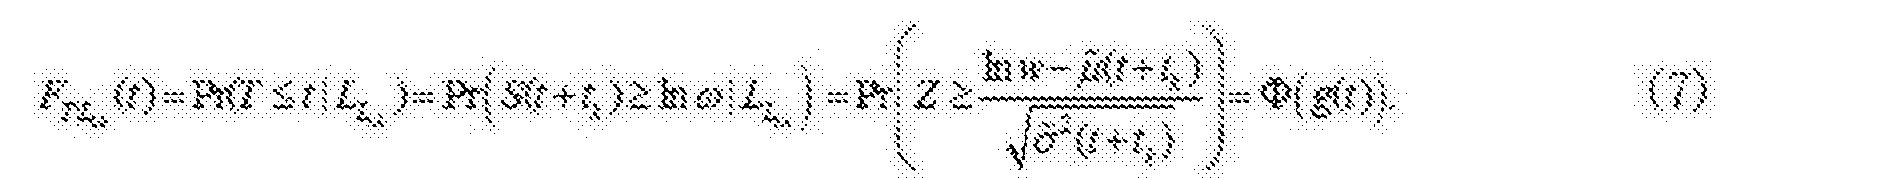 Figure CN104573881BD00152